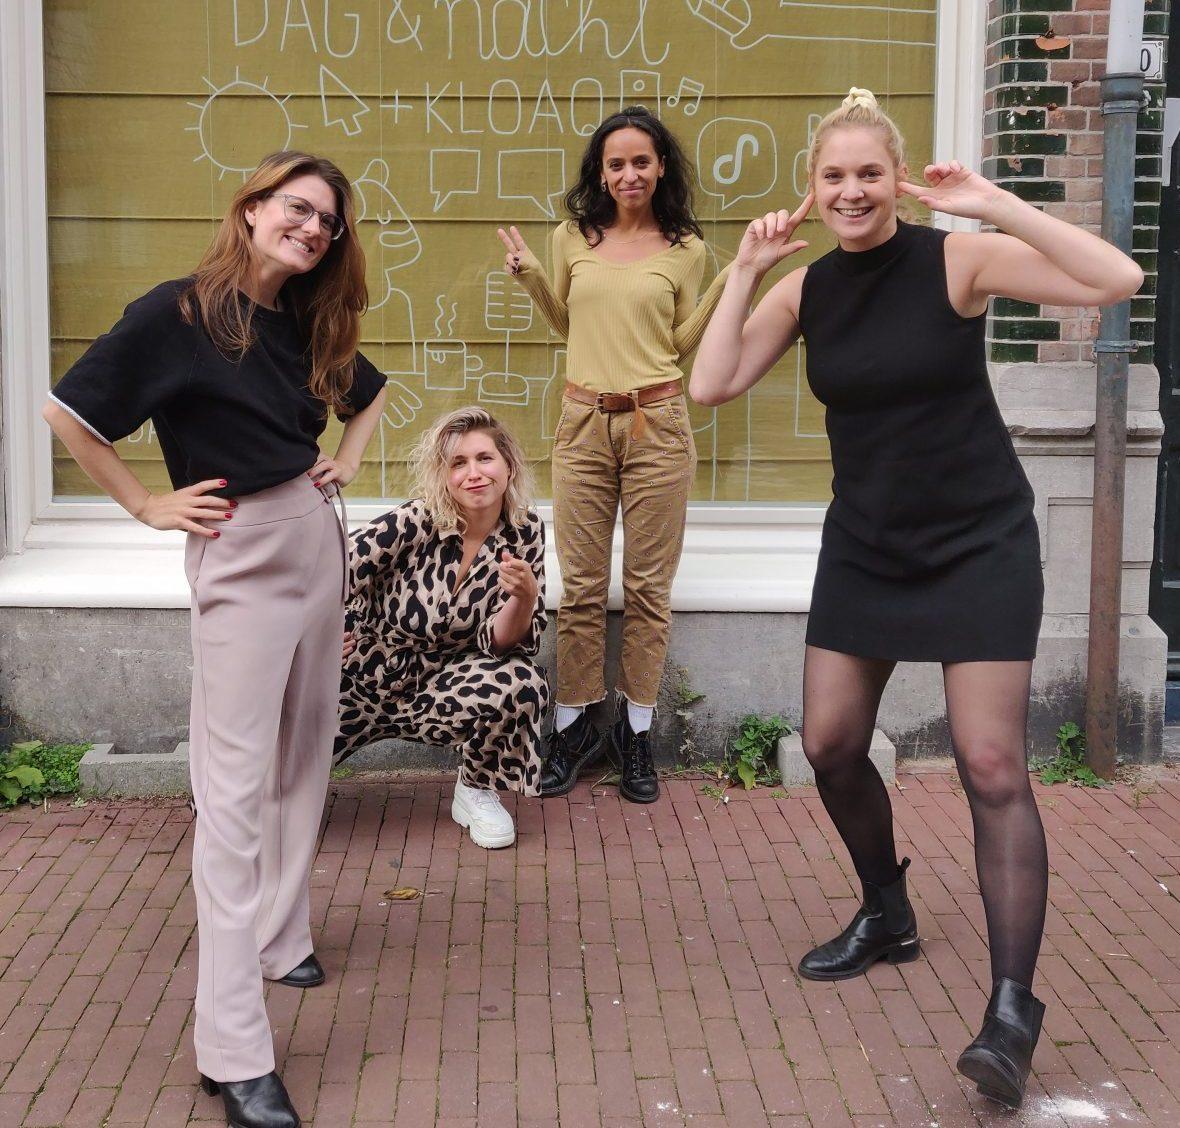 Nydia, Marie Lotte , Carly en Francien poseren buiten op de stoep voor de studio van Dag en Nacht Media